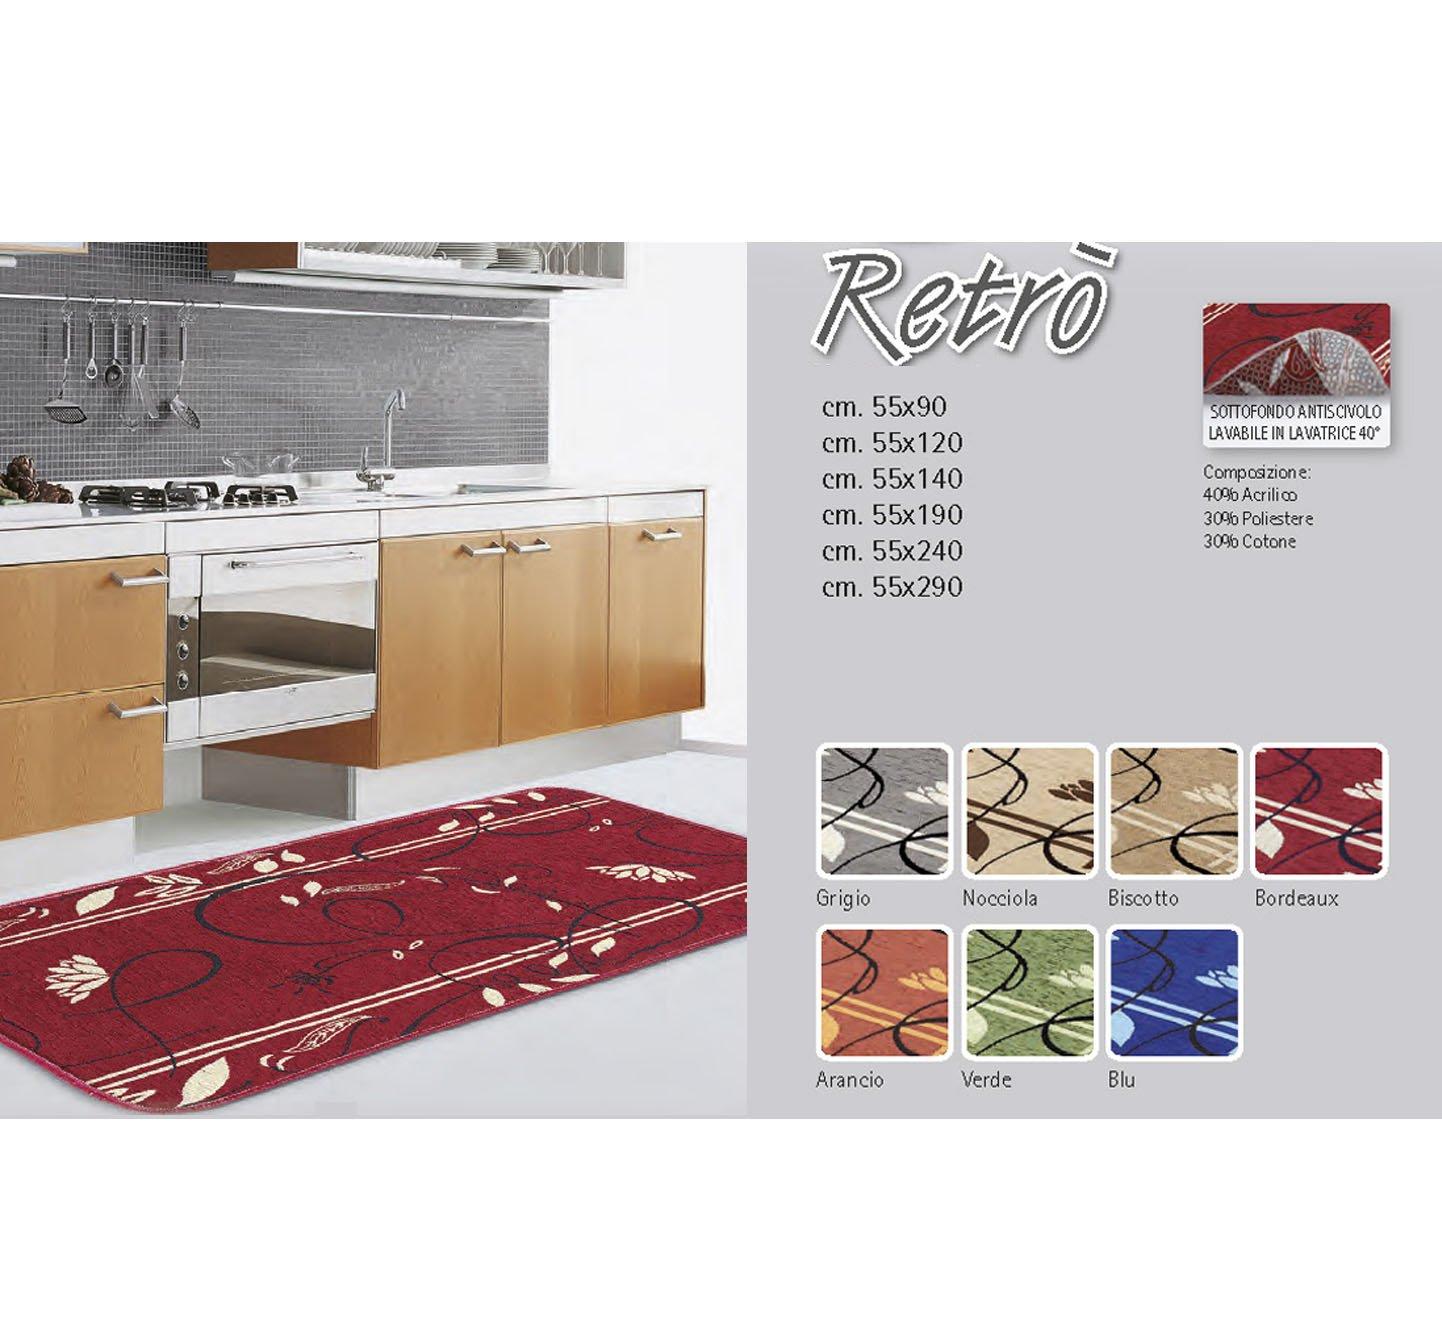 BIANCHERIAWEB Tappeto Da Cucina Disegno Retro 55x90 Verde COINGROSTEX